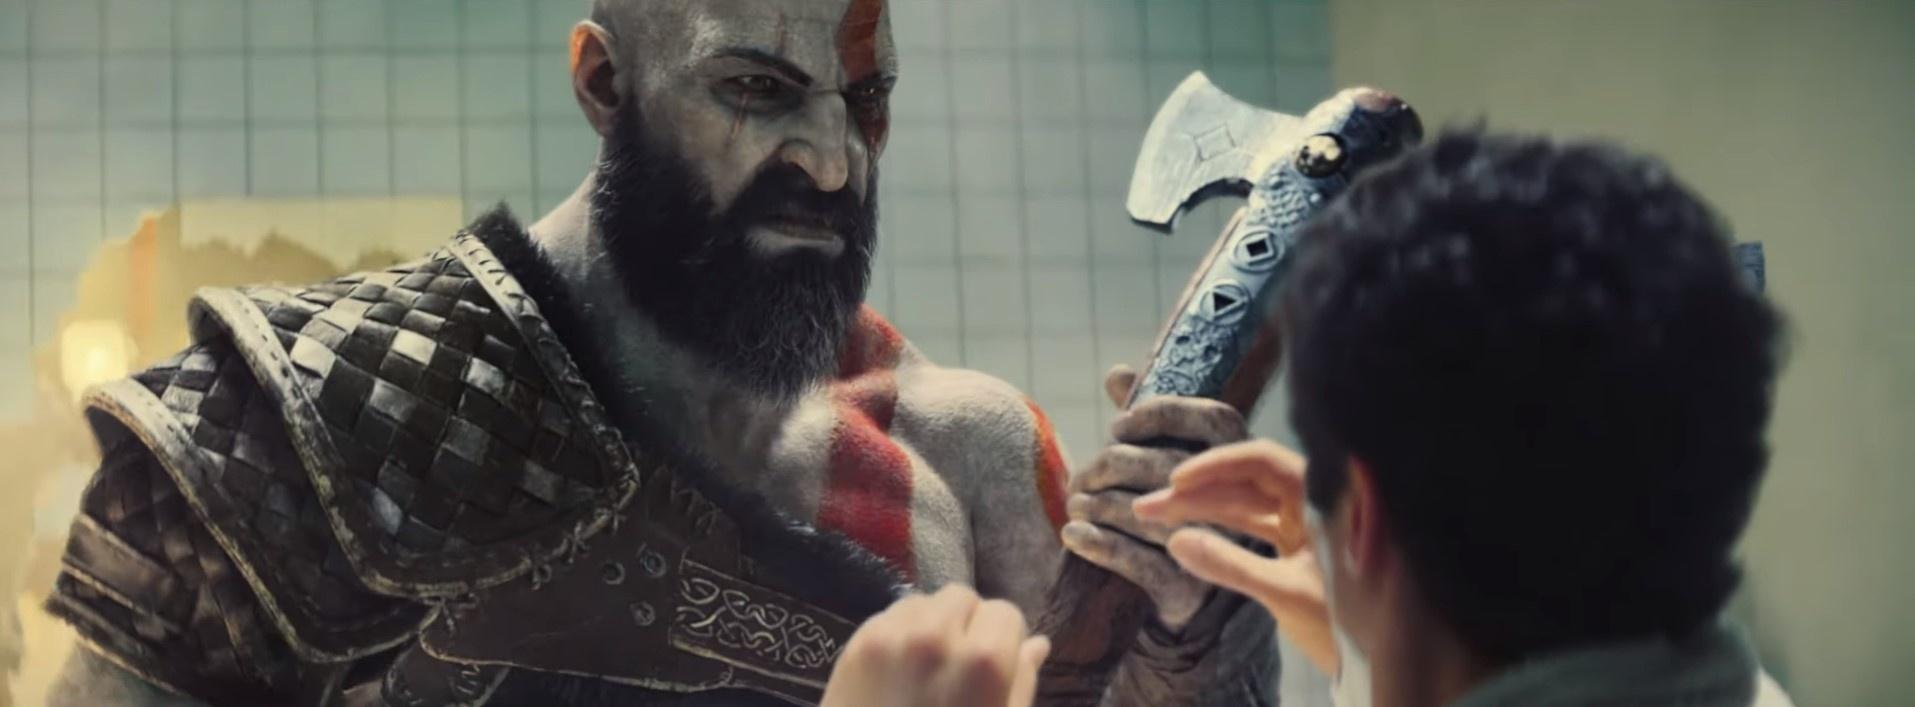 Кратос против бритья: свежая глобальная реклама PlayStation4